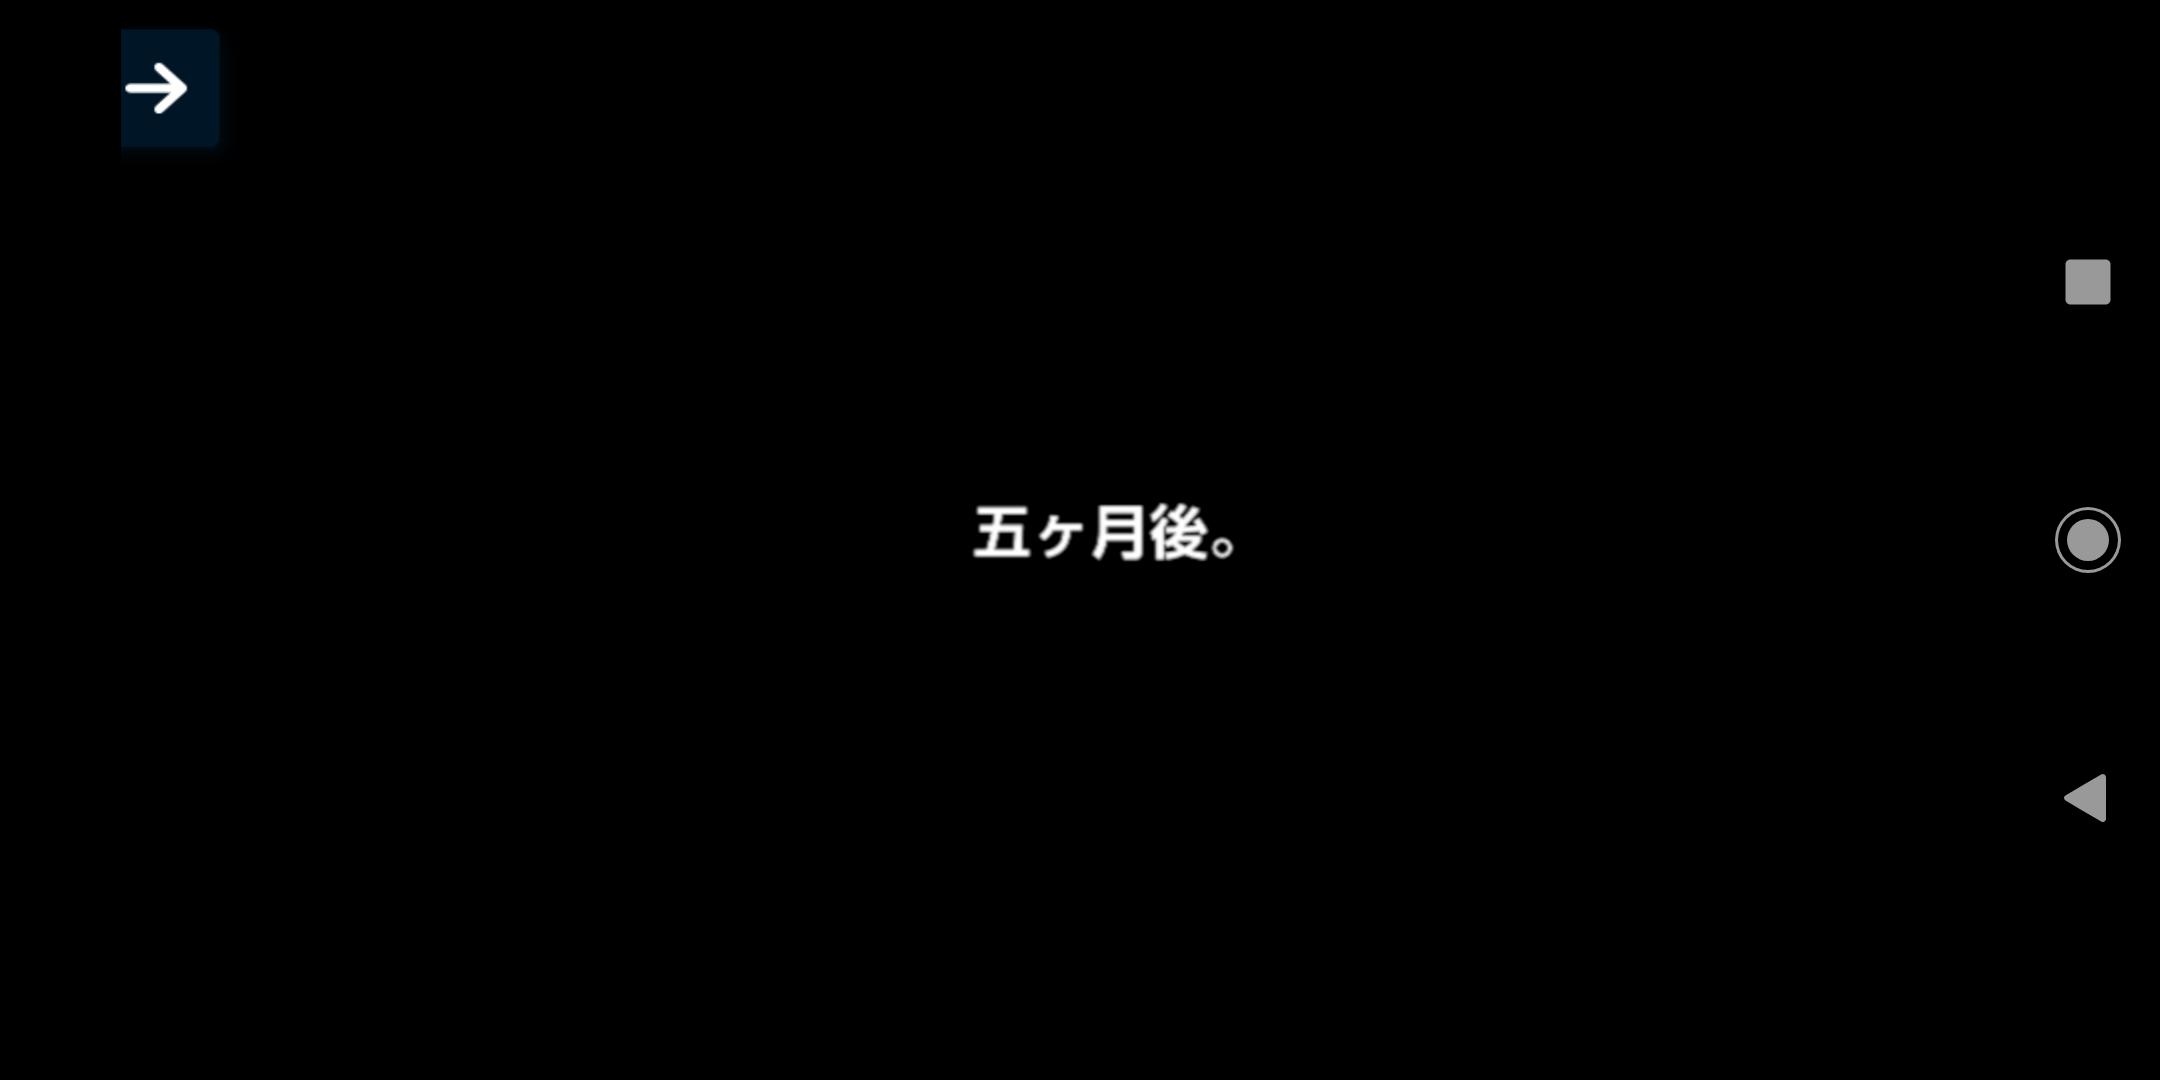 Photo_19-07-18-11-58-17.862